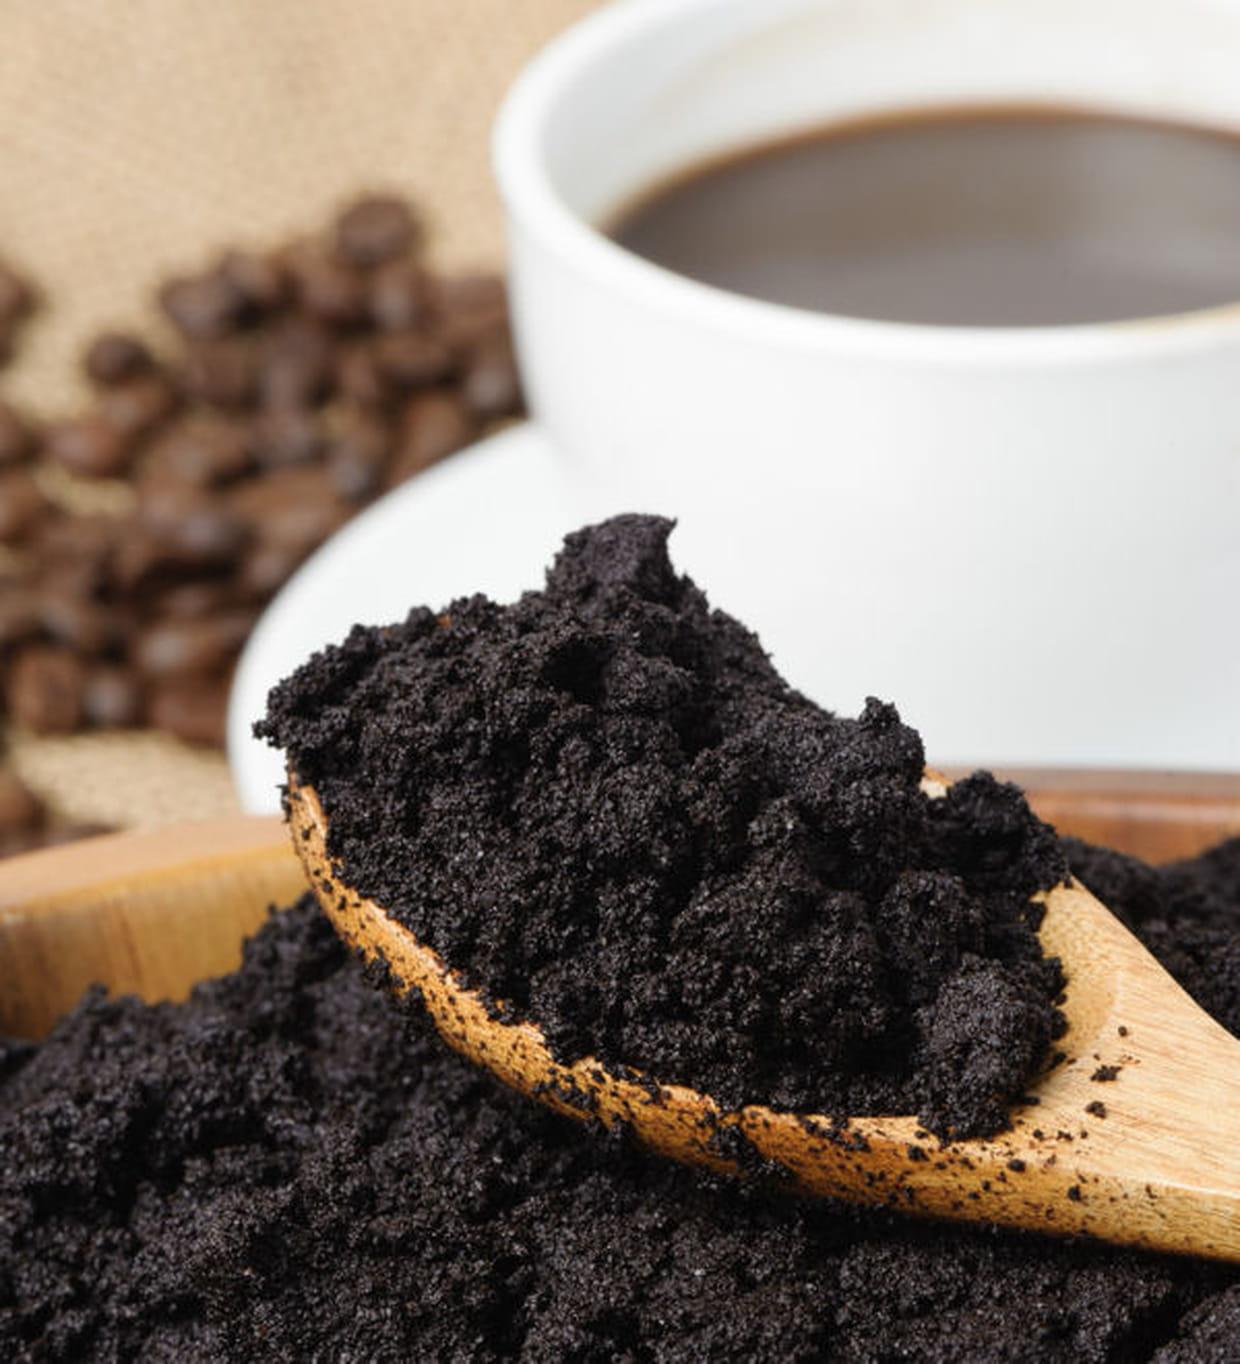 Le marc de café : pour désodoriser